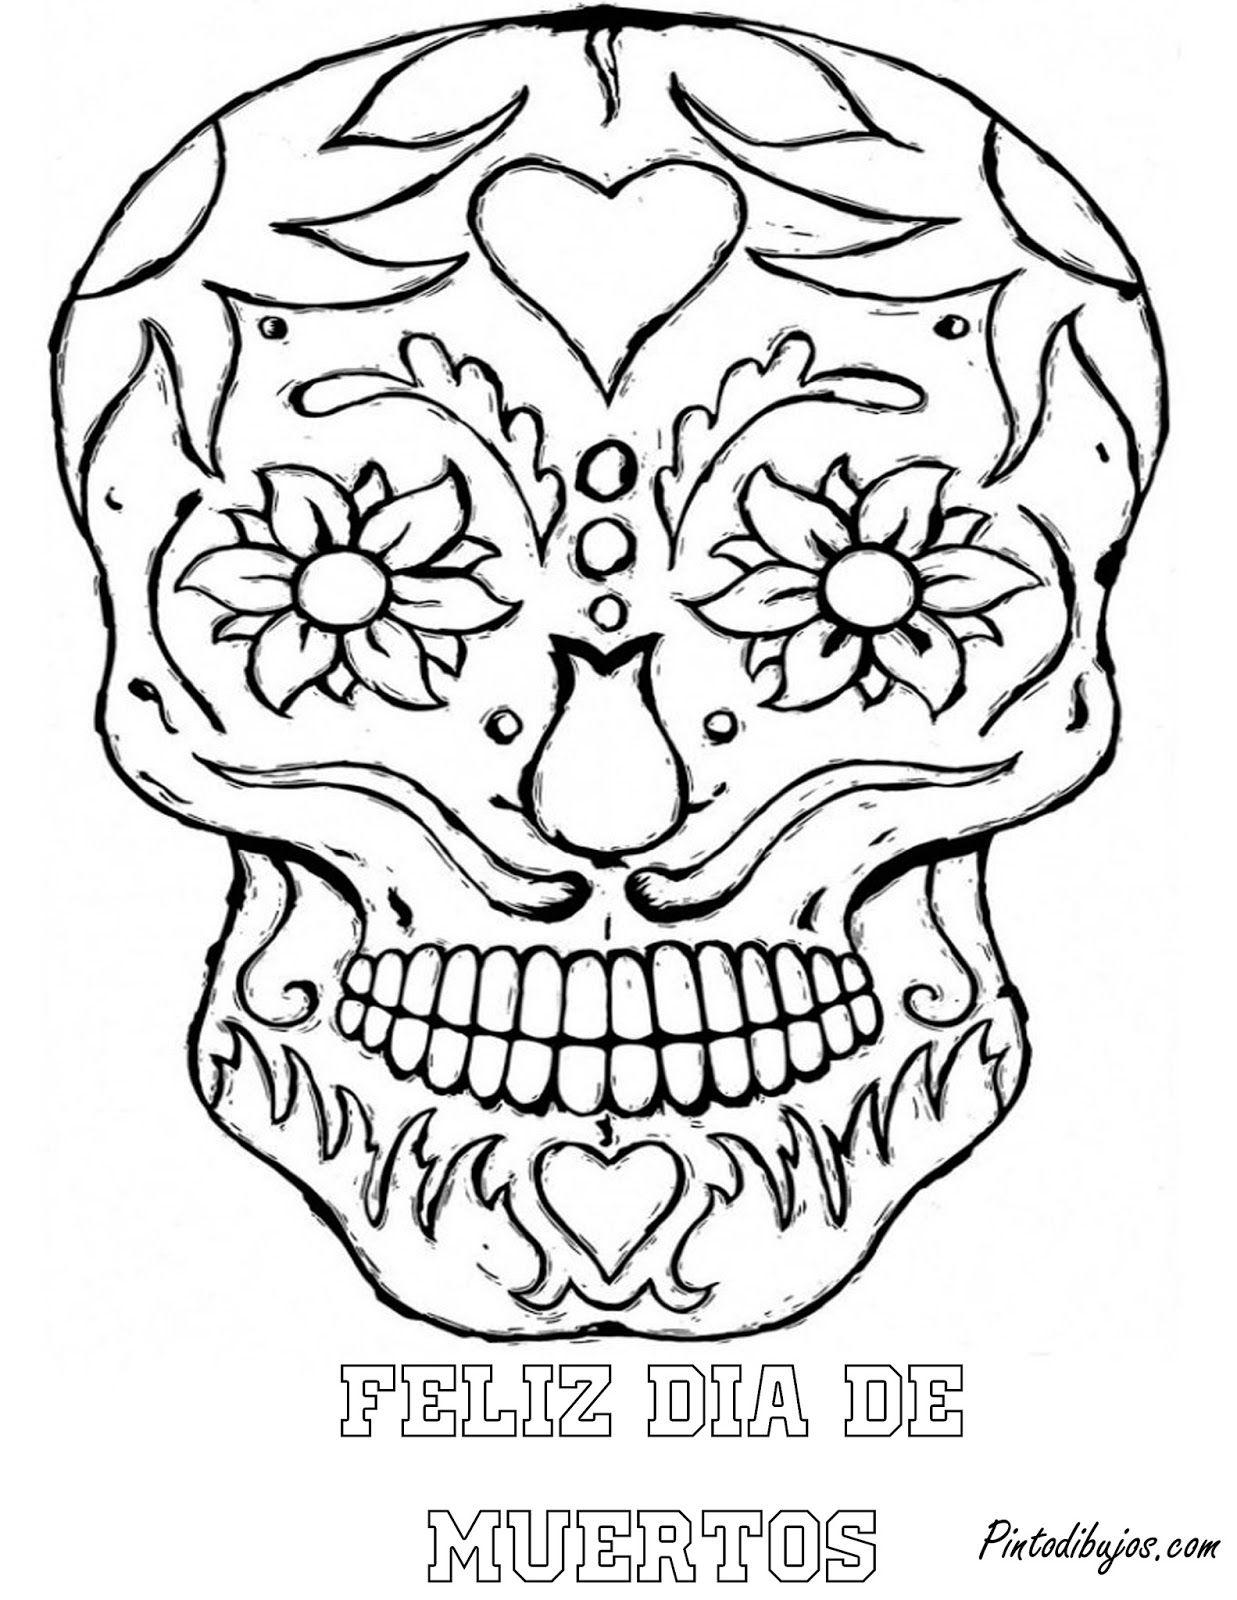 El Dia De Los Muertos Skulls Coloring Pages Az Coloring Dia De Los Muertos Skull Coloring Pages